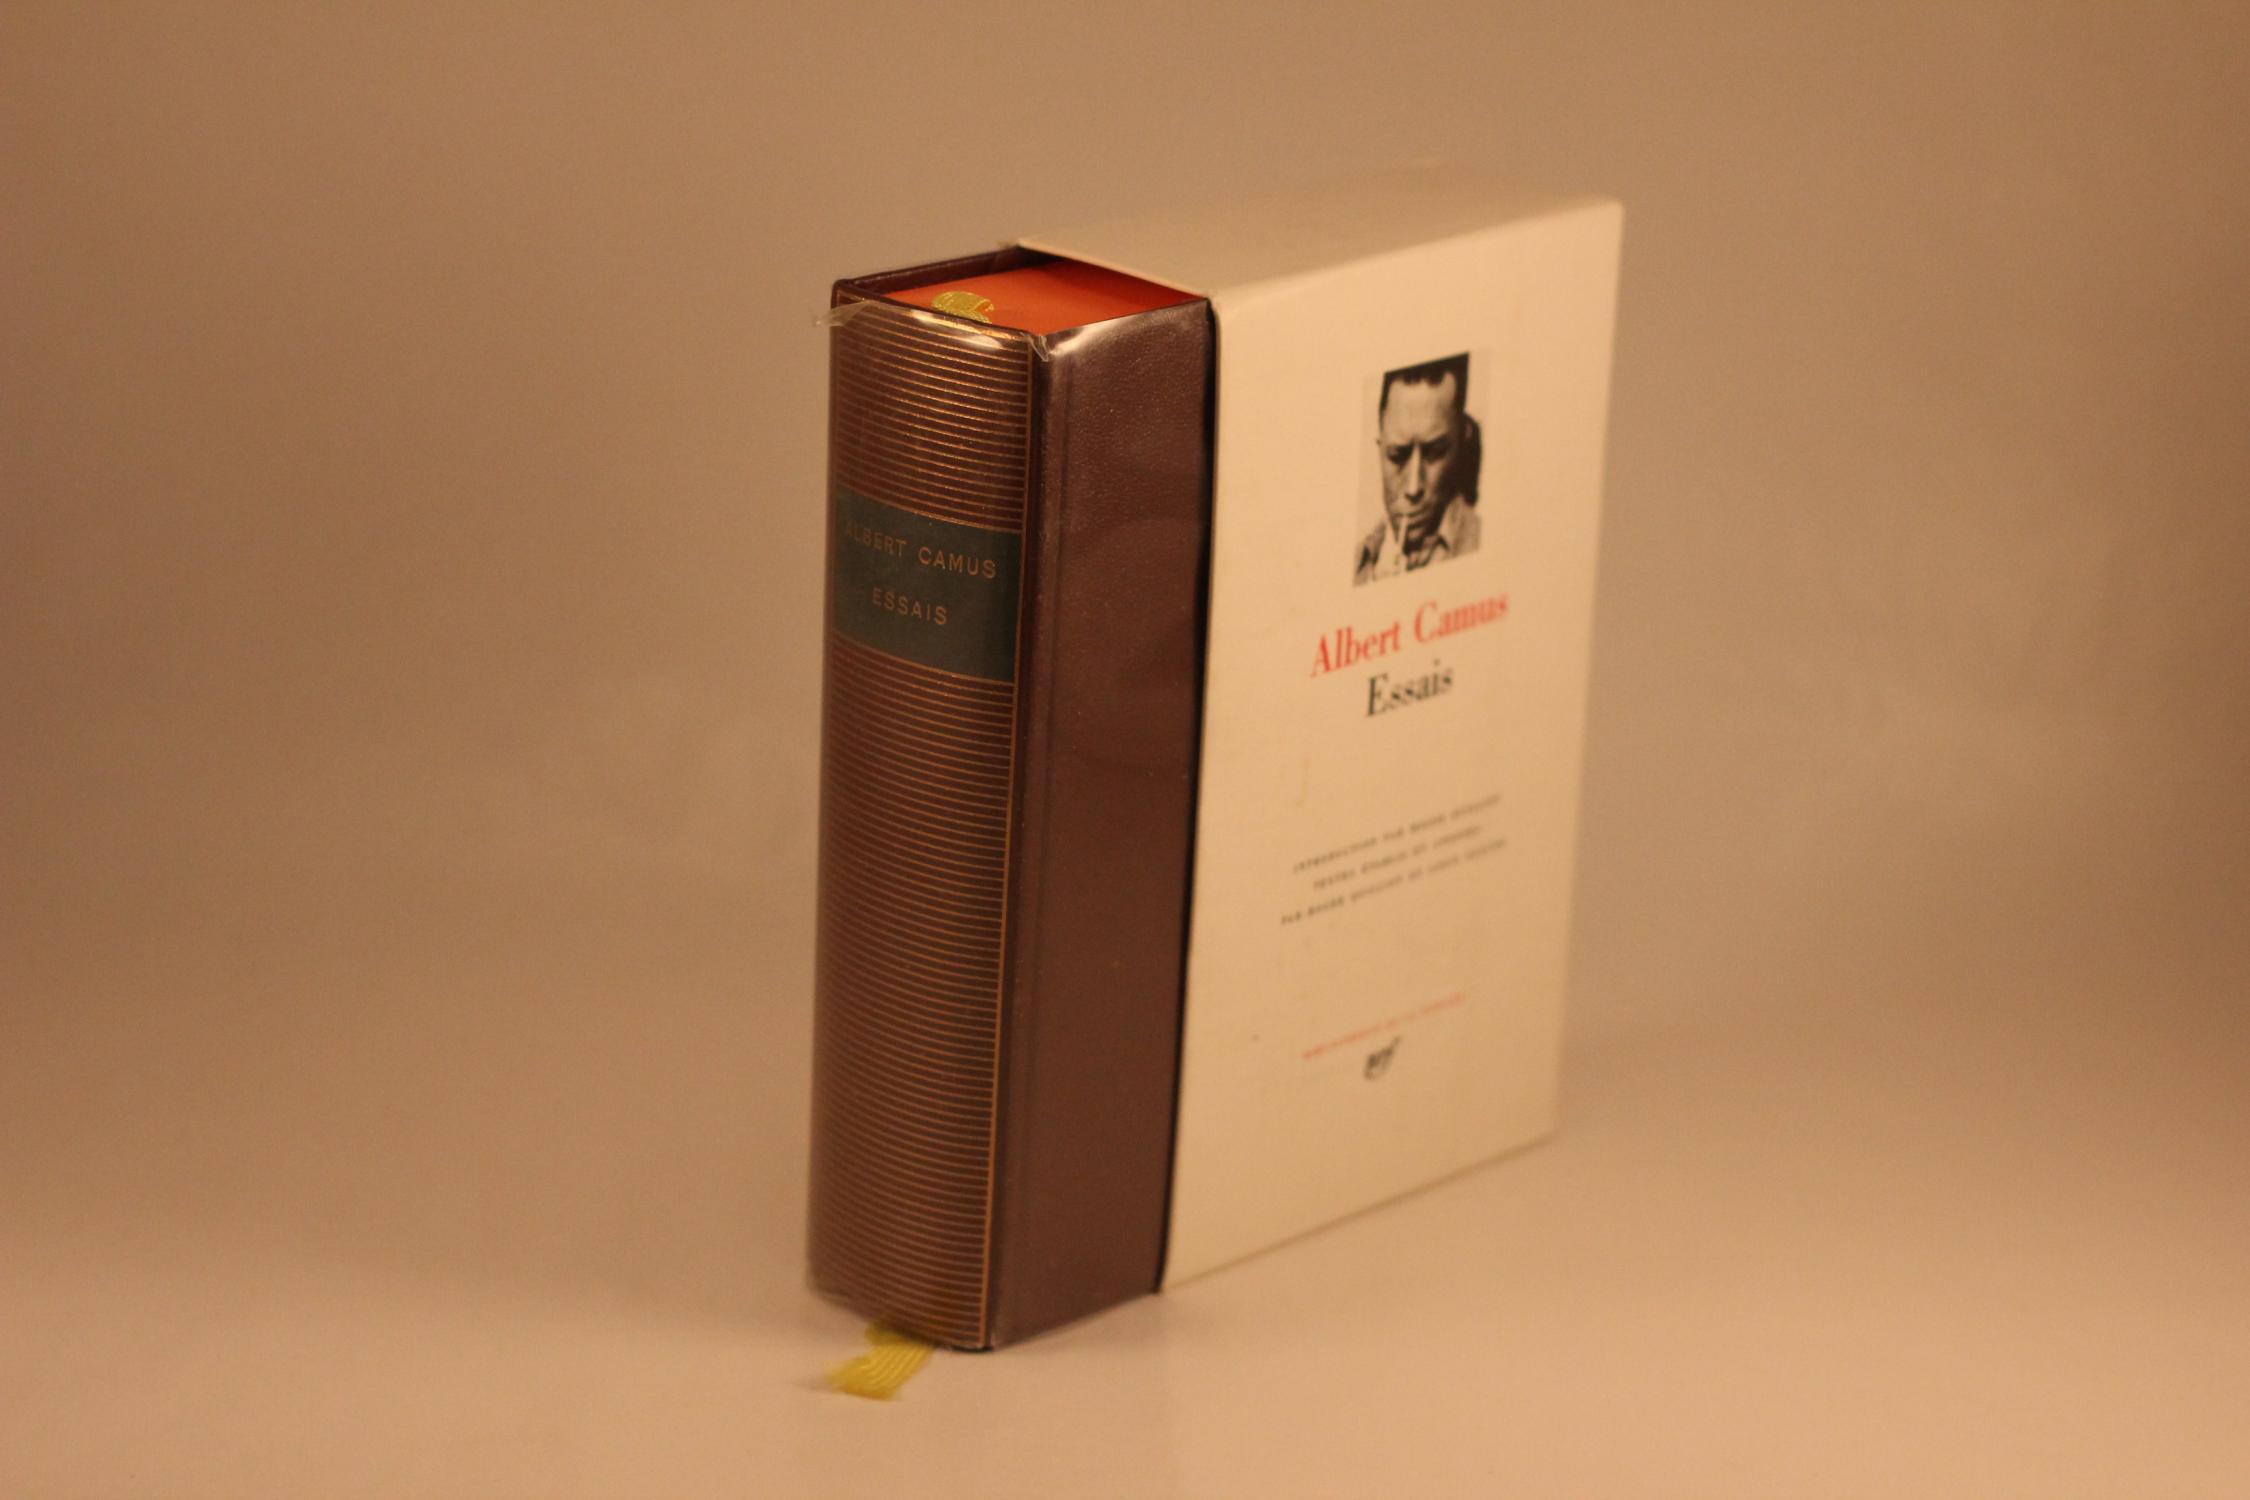 Albert Camus Essais Albert Camus [ed. Roger Quilliot & Louis Faucon]